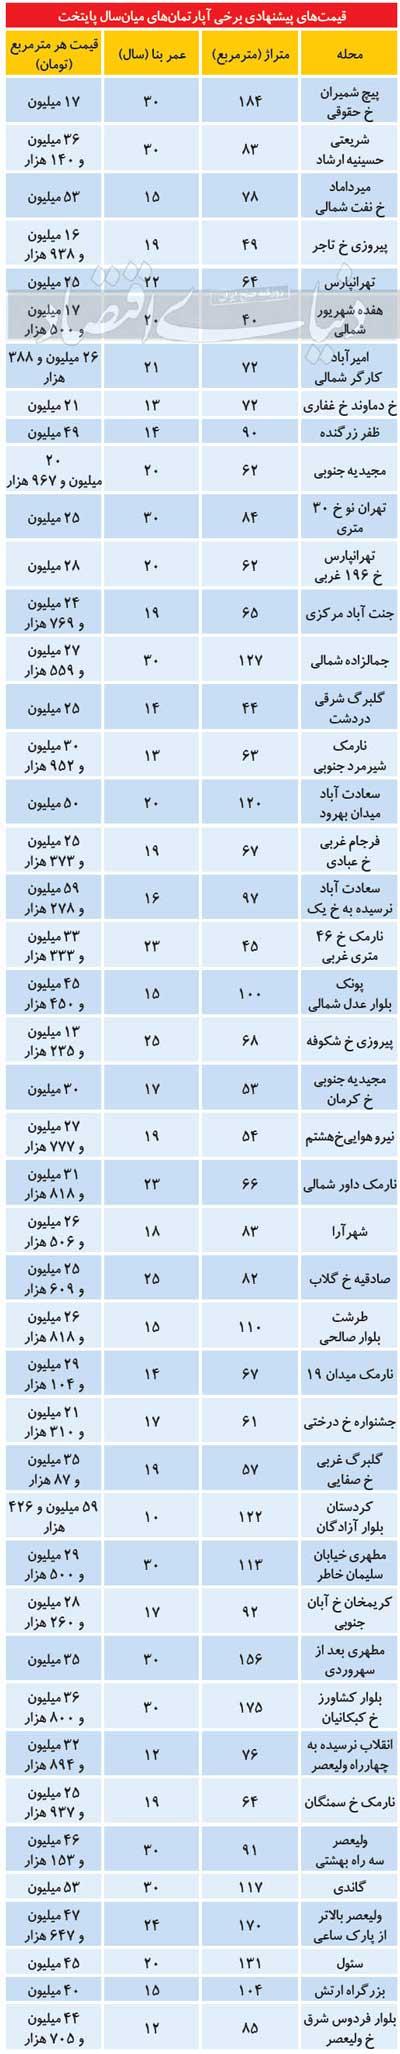 محدوده قیمتی املاک میانسال در تهران